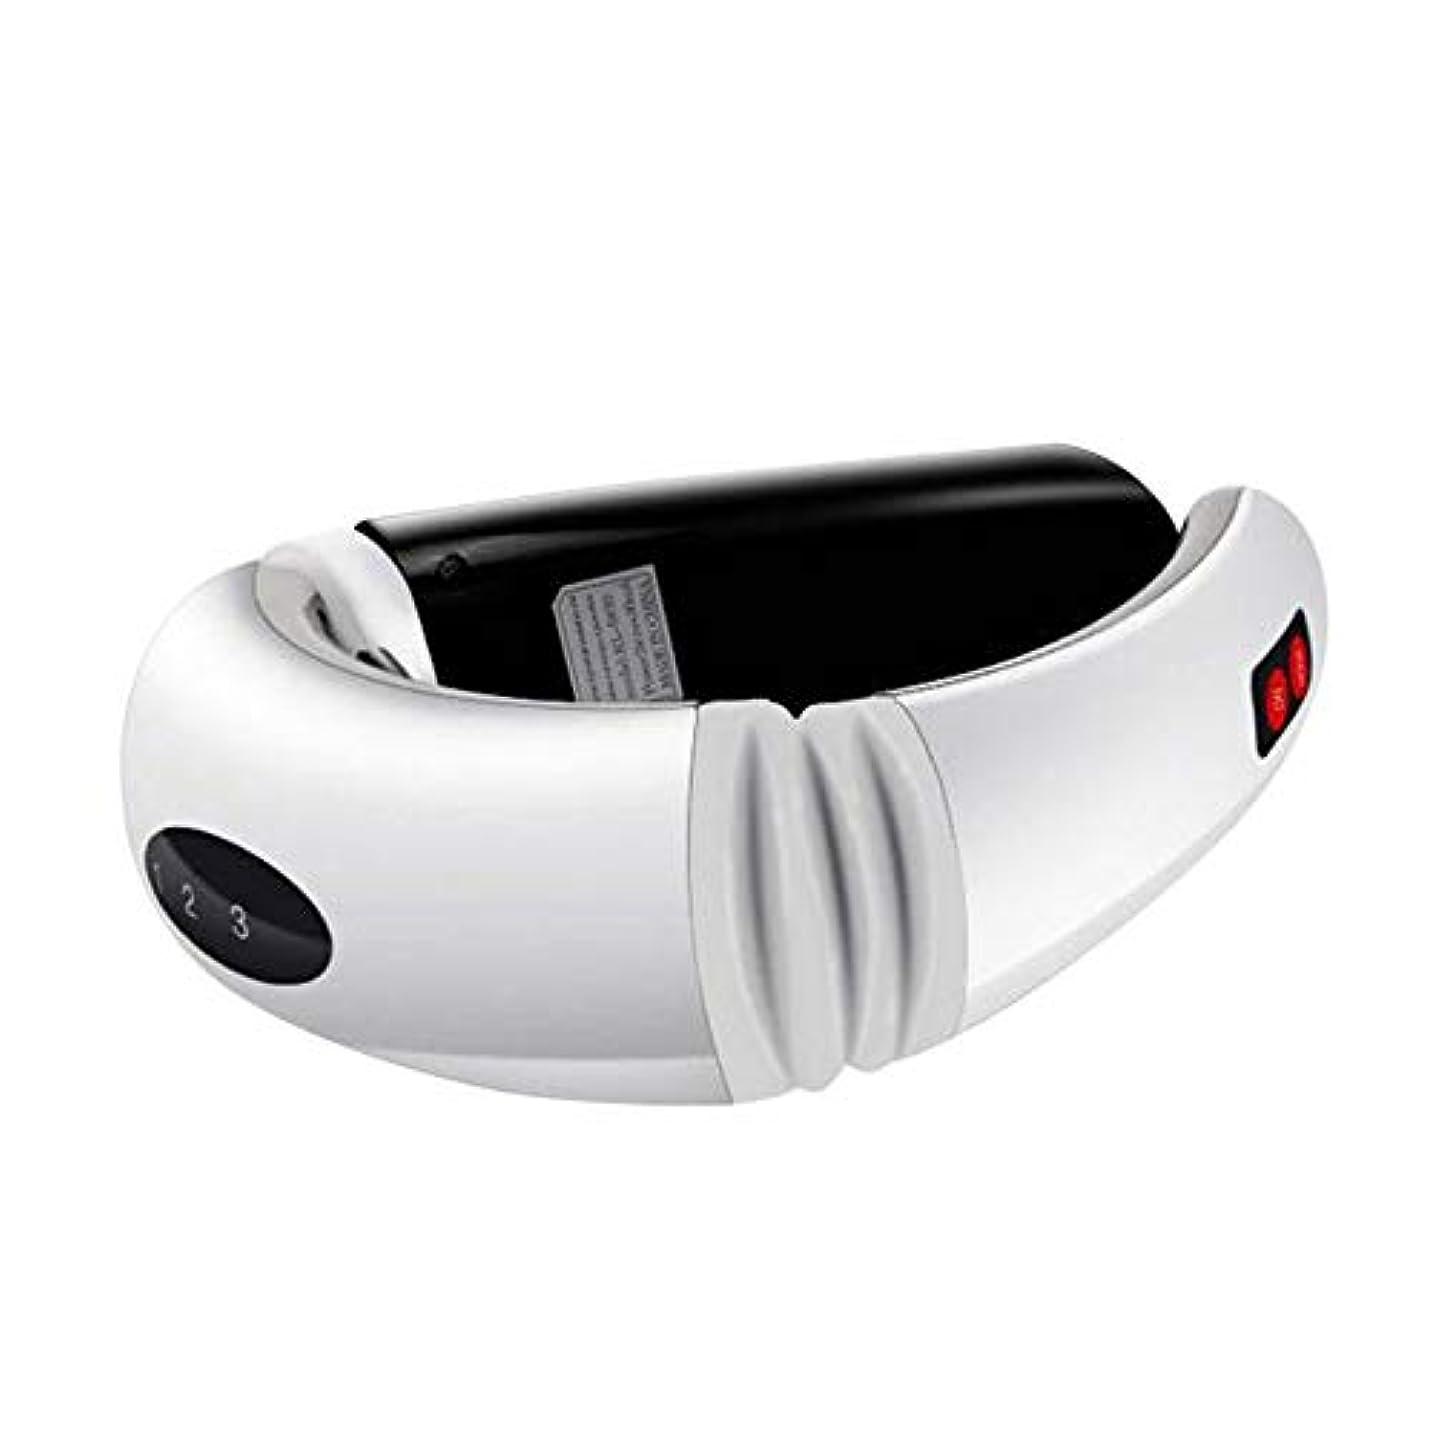 寮油従う首のマッサージャー電気USB再充電可能な子宮頸マッサージャーは、痛みの痛みの筋肉を取り除く車のオフィスとホームホワイト